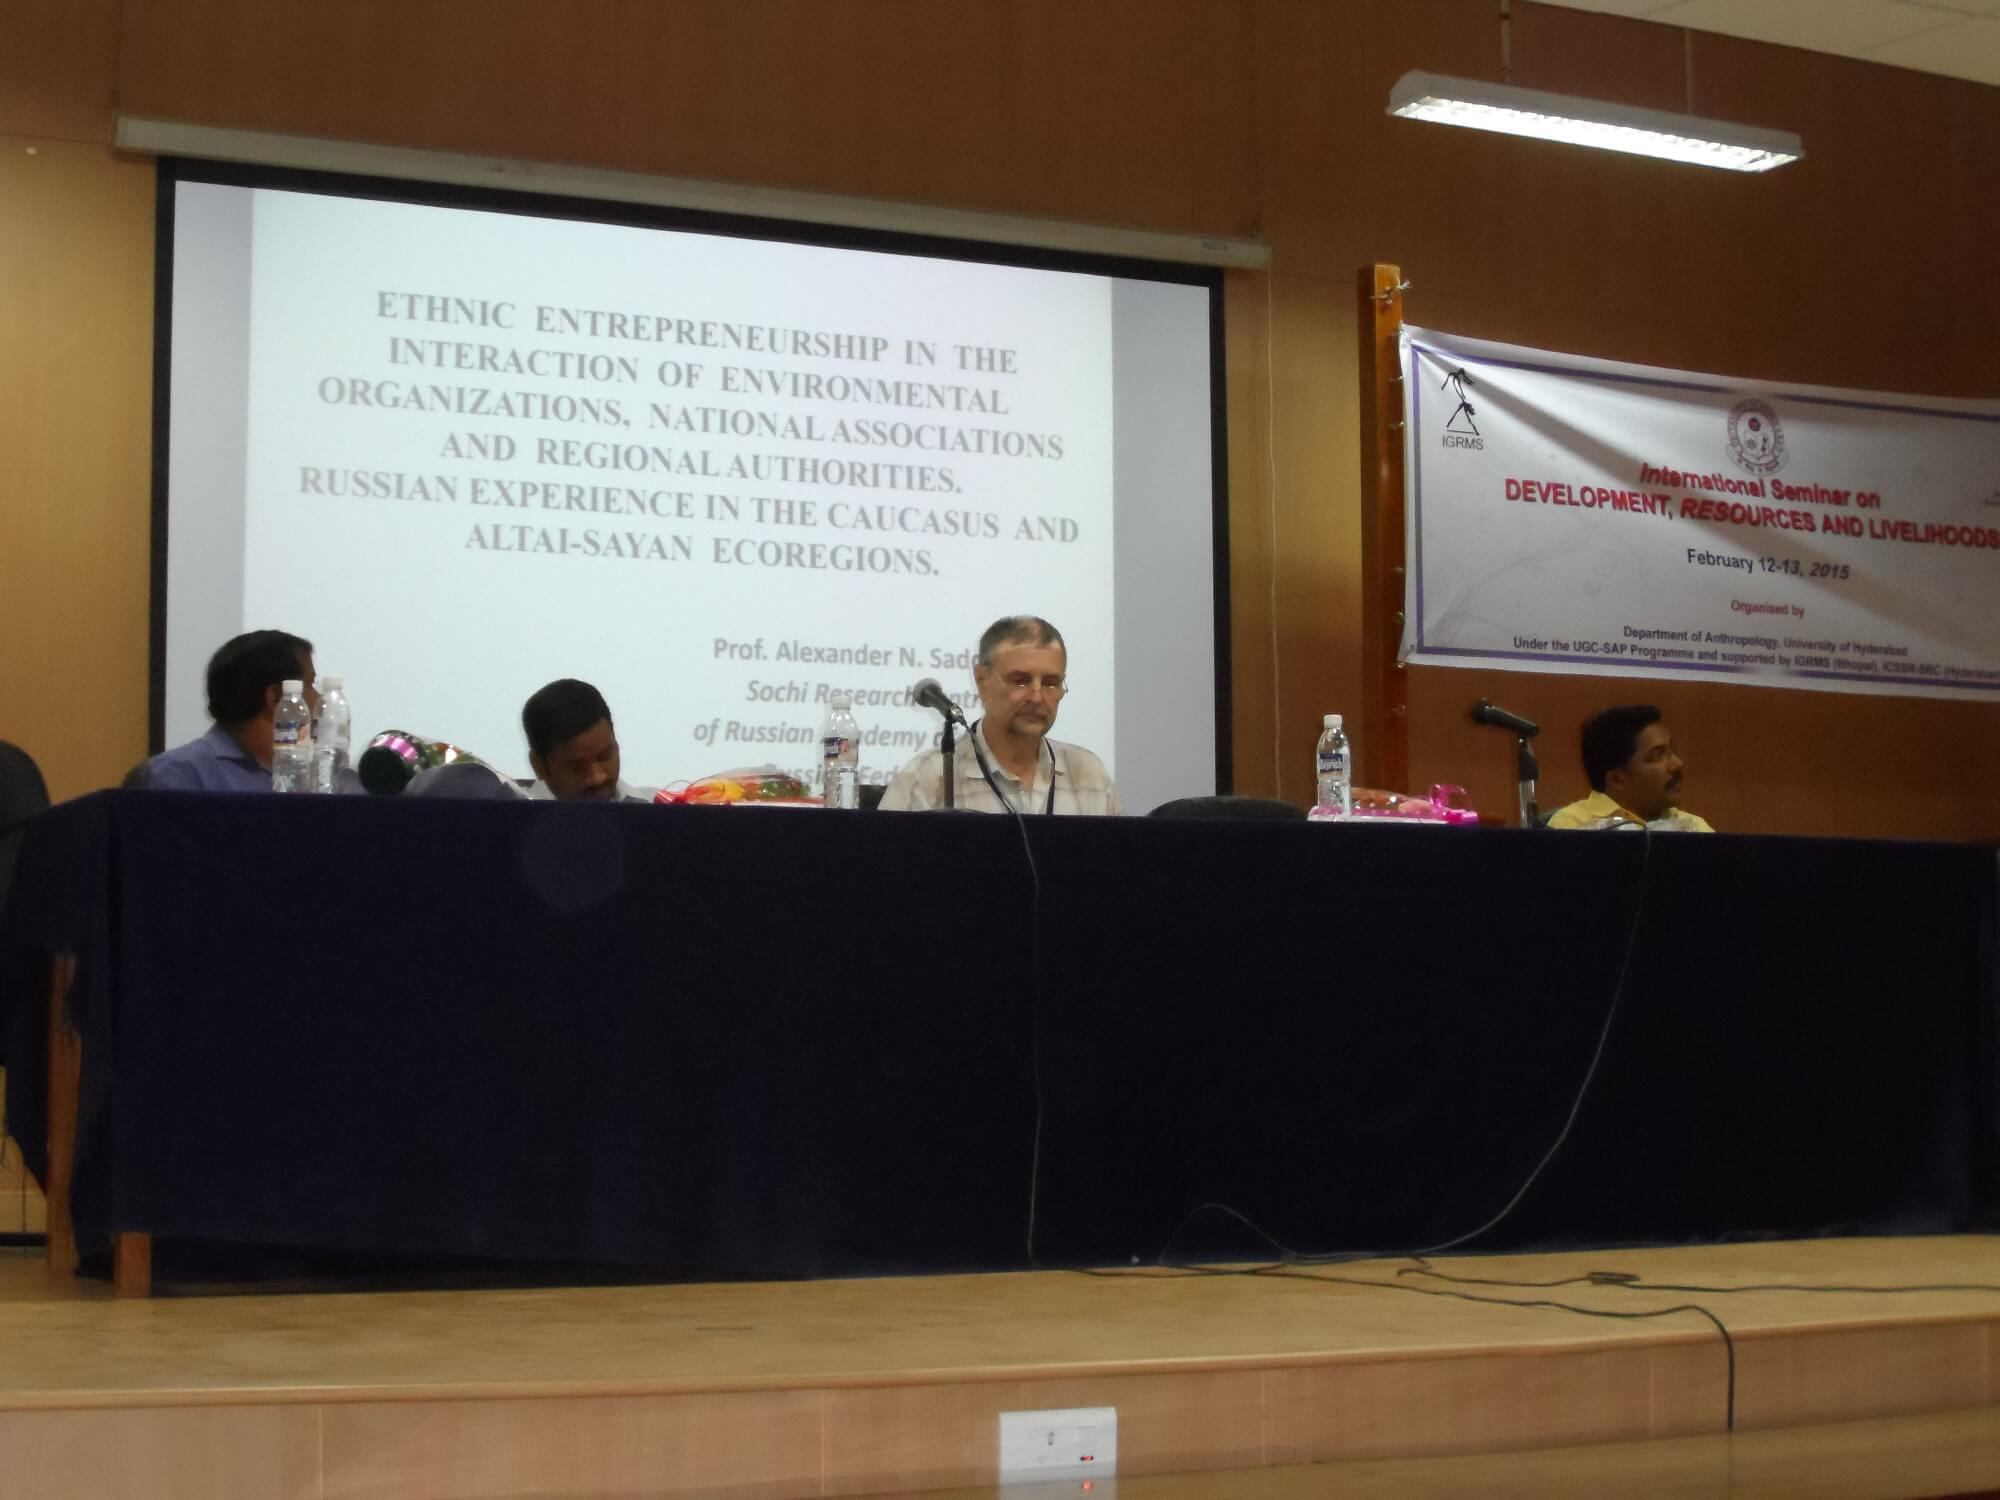 """Садовой А.Н. Участник Международной научной конференции """"Development, Resources and Livelihoods: International Seminar. Abstracts» – Hyderabad (India): University of Hyderabad, Department of Anthropology, February 12-13, 2015"""